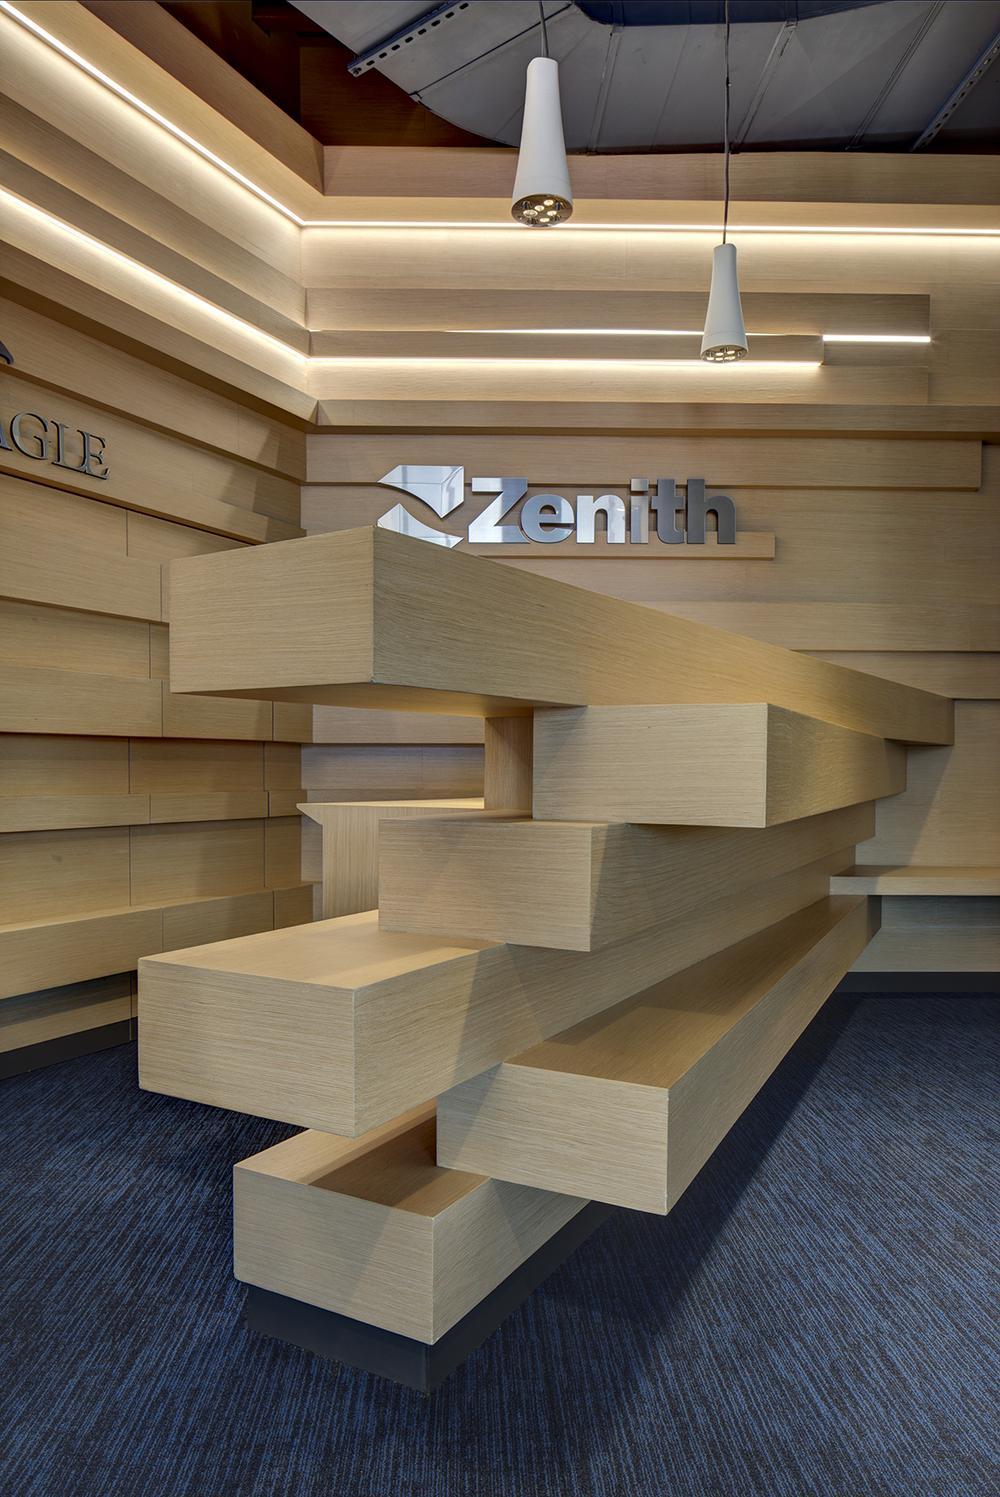 Corporativo Zenith-maui deco-2